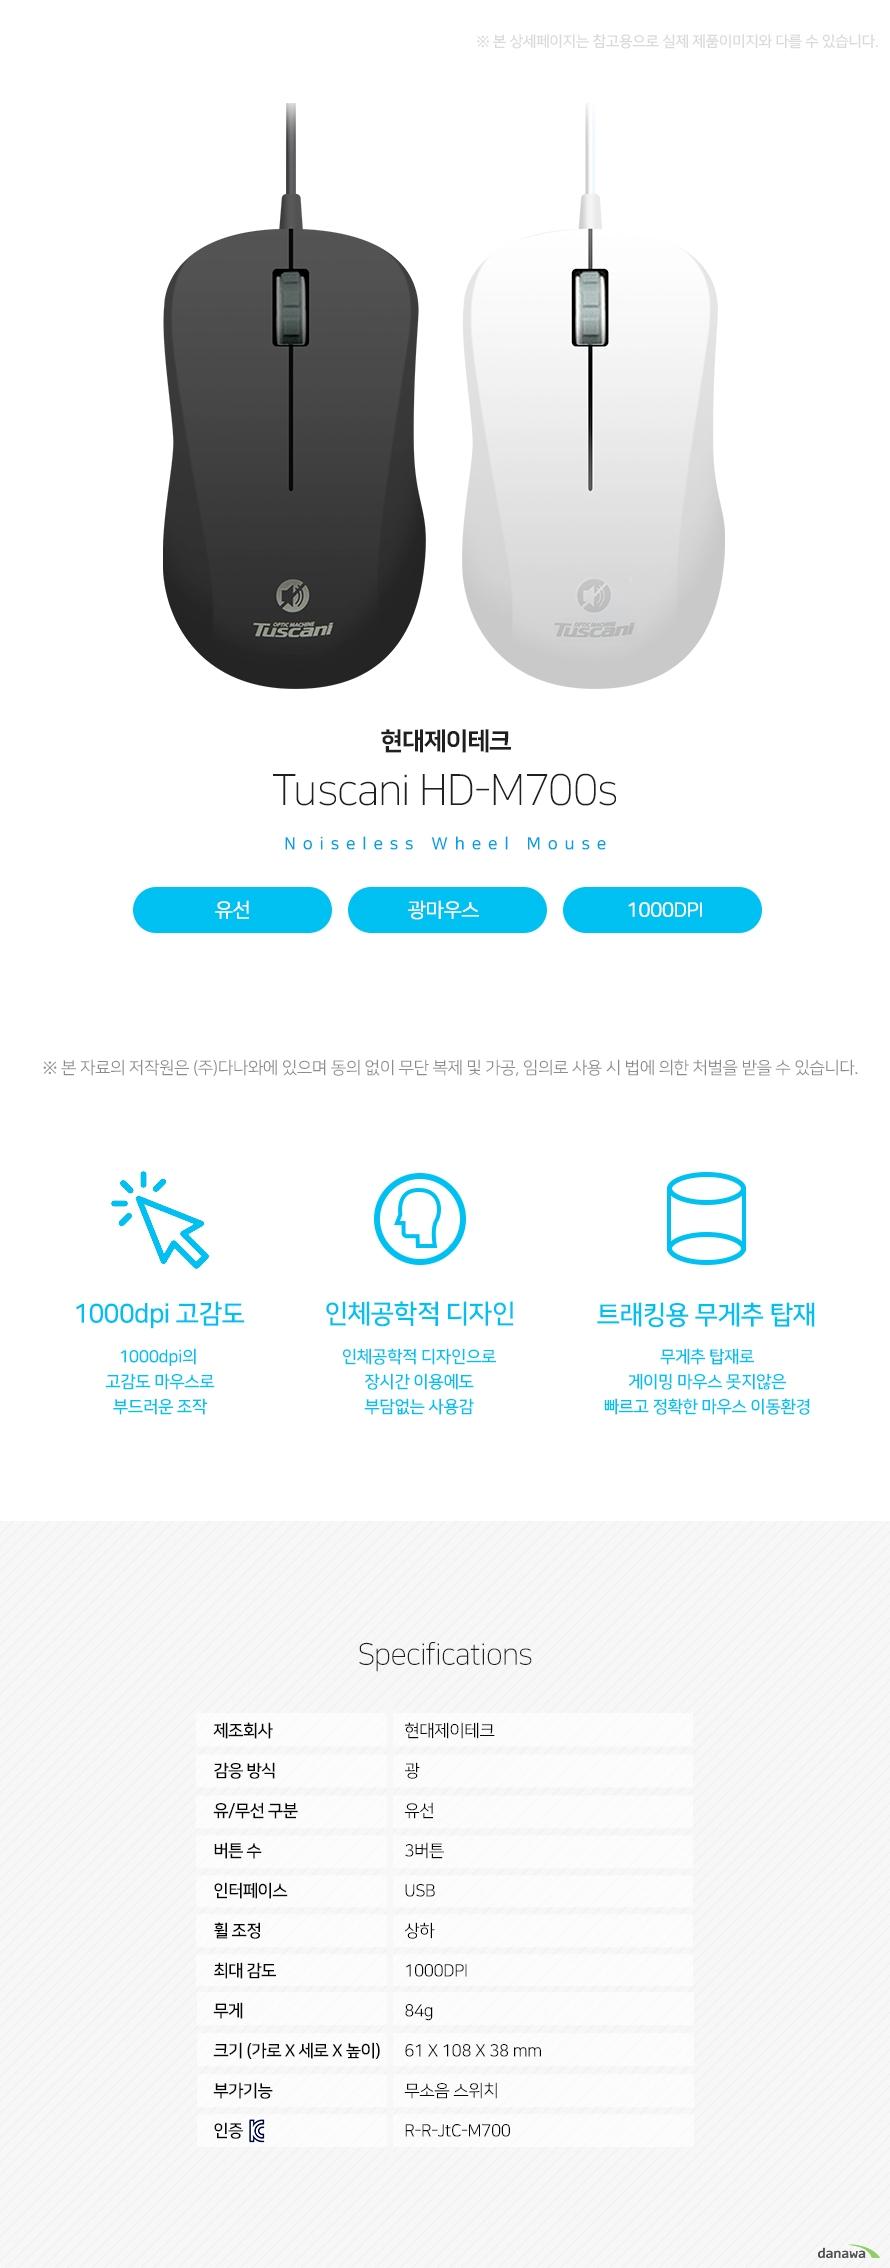 현대제이테크 Tuscani HD-M700s / 마우스 / 광 / 3버튼 / 유선 / USB / 상하 / 1000DPI / 무소음 스위치 / 108mm / 61mm / 38mm / 84g